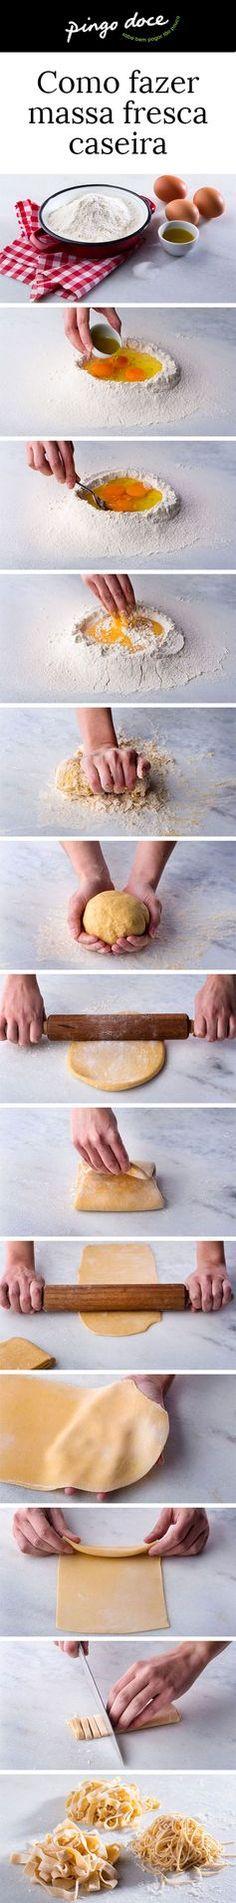 Para fazer massa fresca caseira são precisos quatro ingredientes e algum trabalho de braços e mãos. A técnica é morosa mas vale bem o esforço.